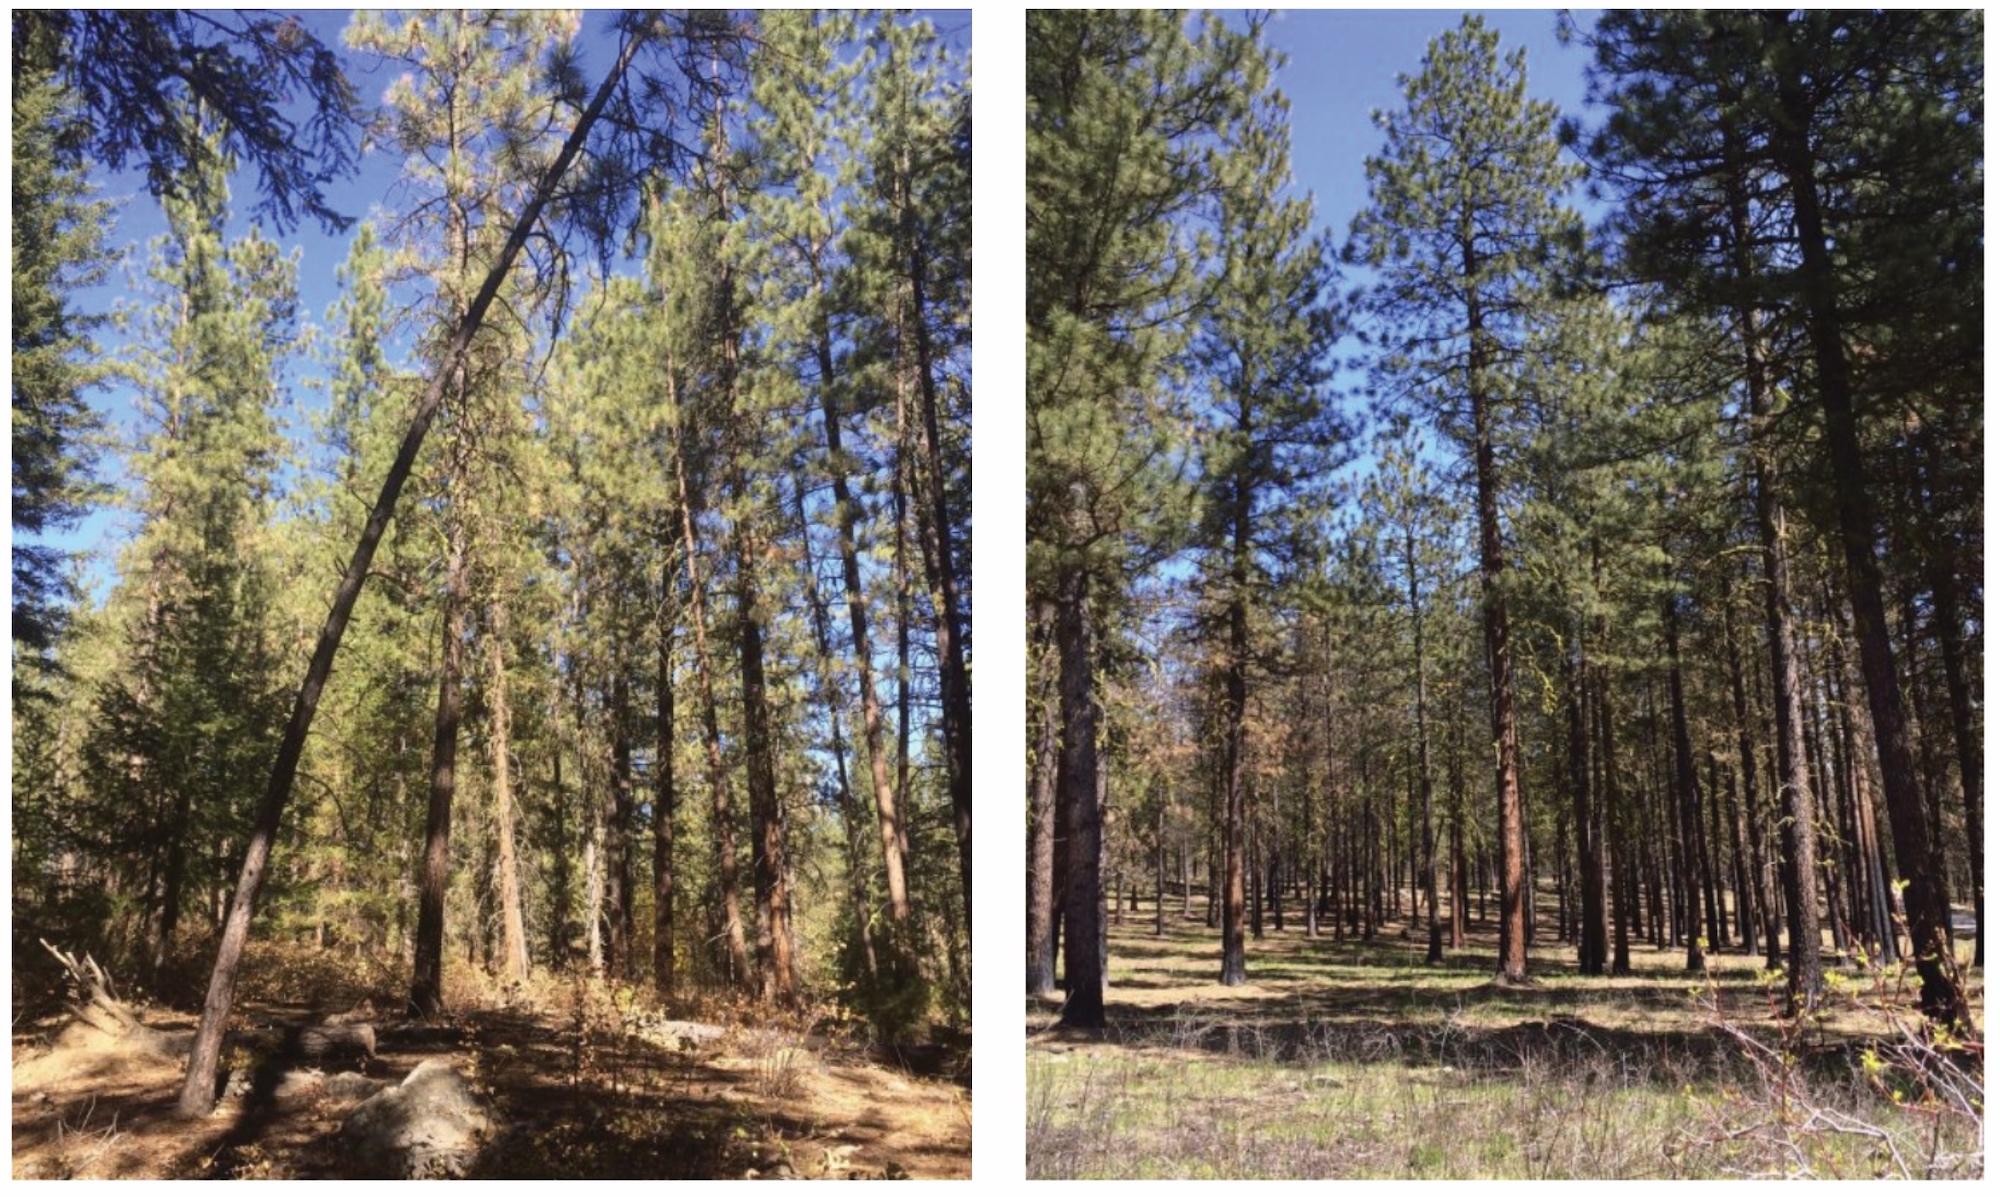 Deux photos du même endroit : à gauche, une photo où les petits arbres n'ont pas été débarrassés du paysage. A droite, une photo où ils ont. C'est une forêt et le ciel est bleu.